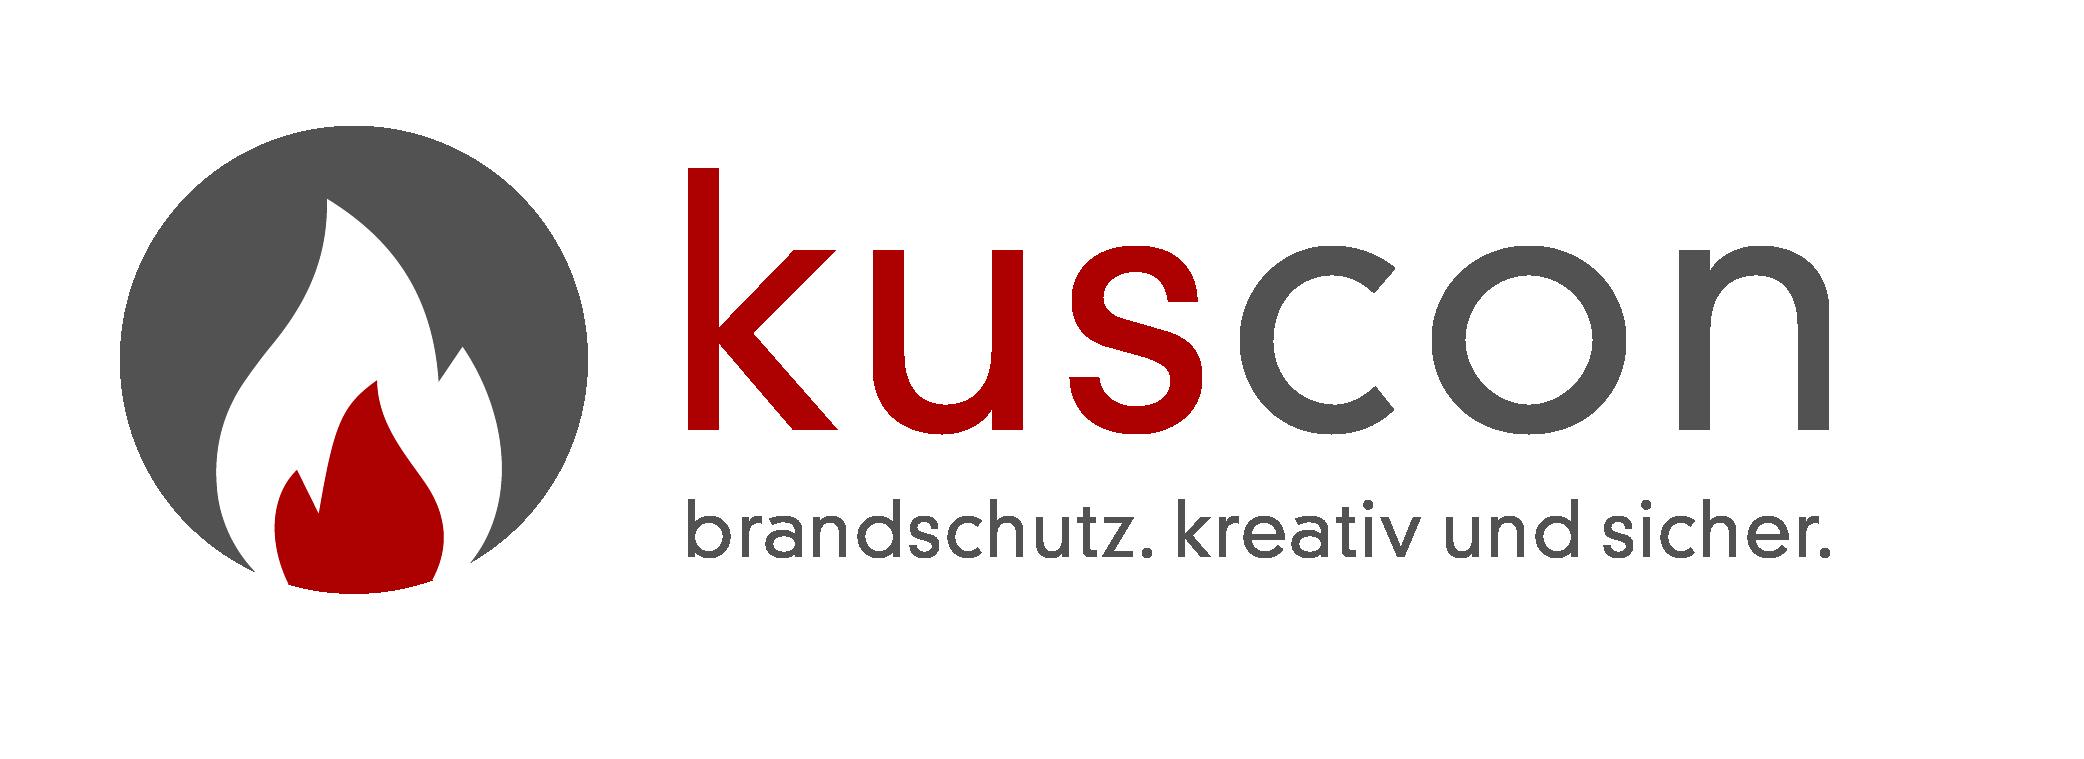 kuscon Brandschutz